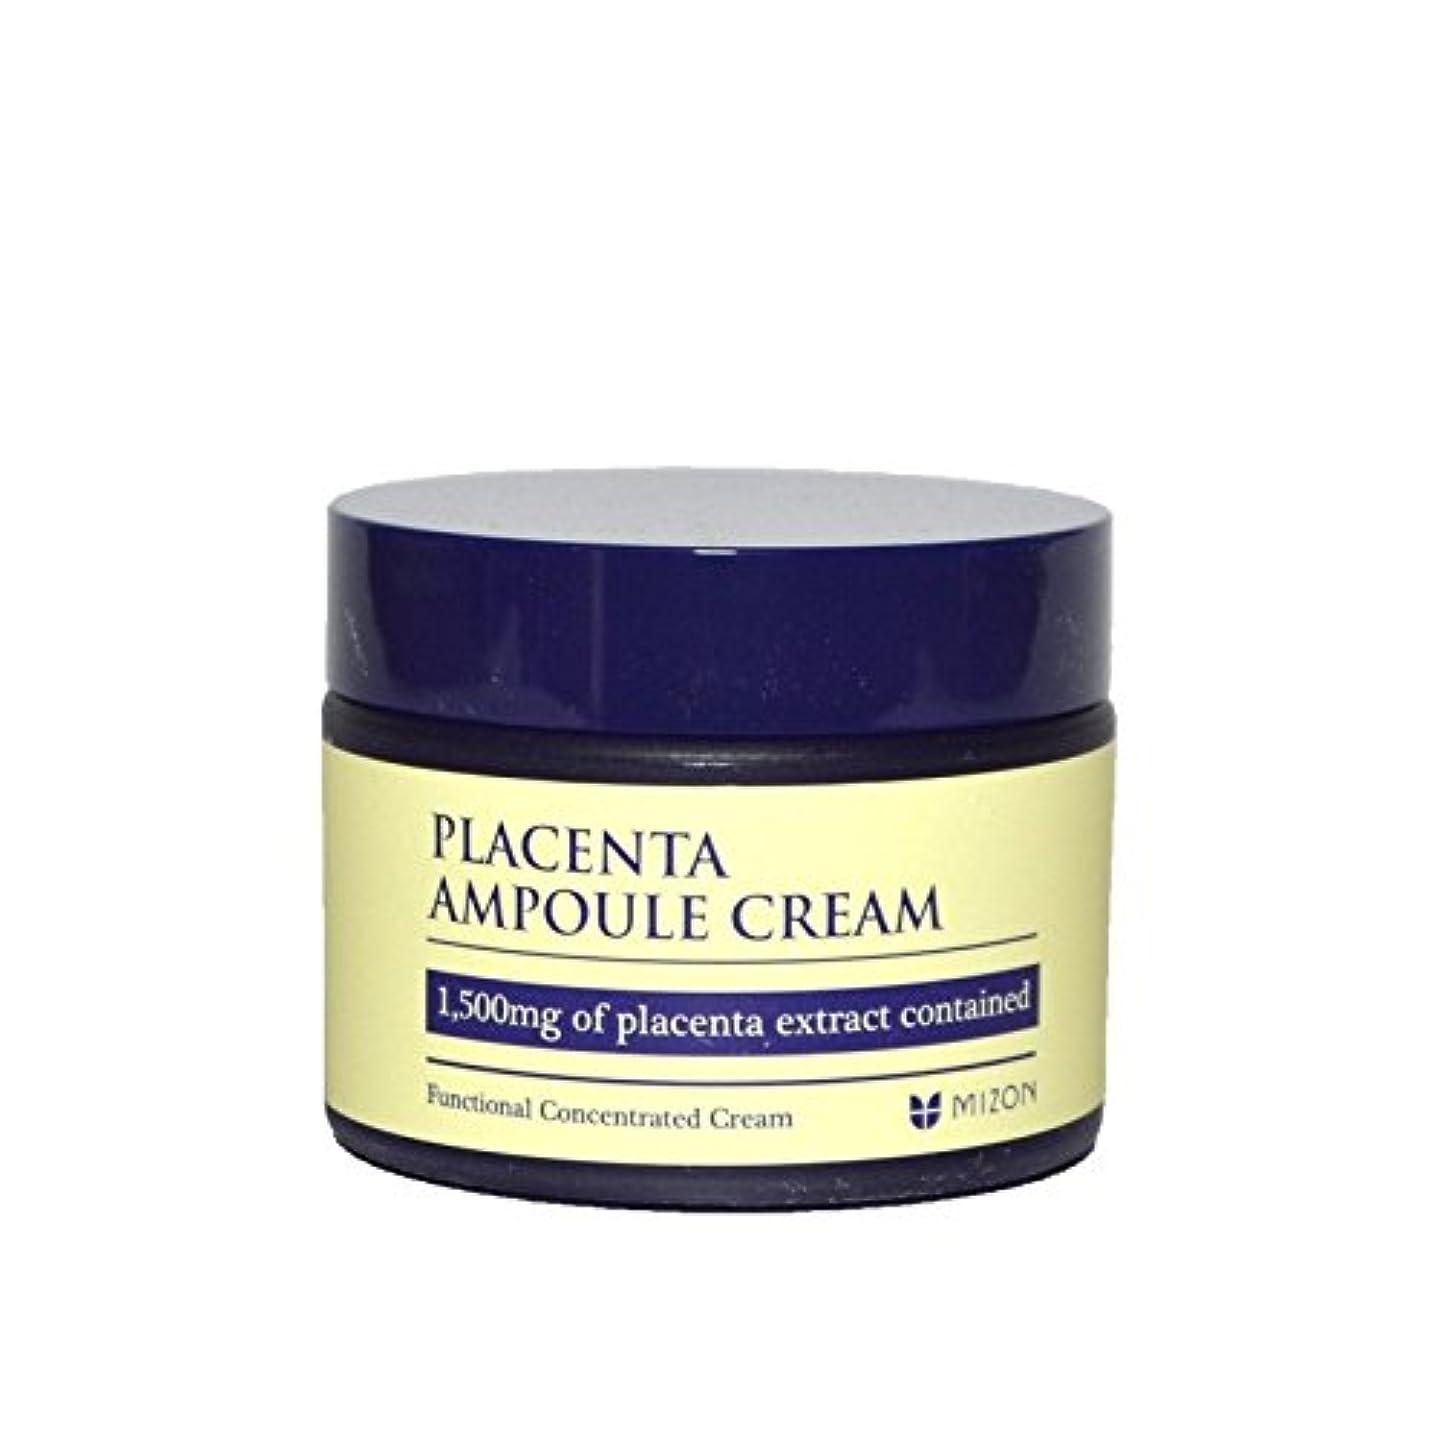 熱心ラリー裏切り者Mizon Placenta Ampoule Cream (Pack of 6) - 胎盤アンプルクリーム x6 [並行輸入品]